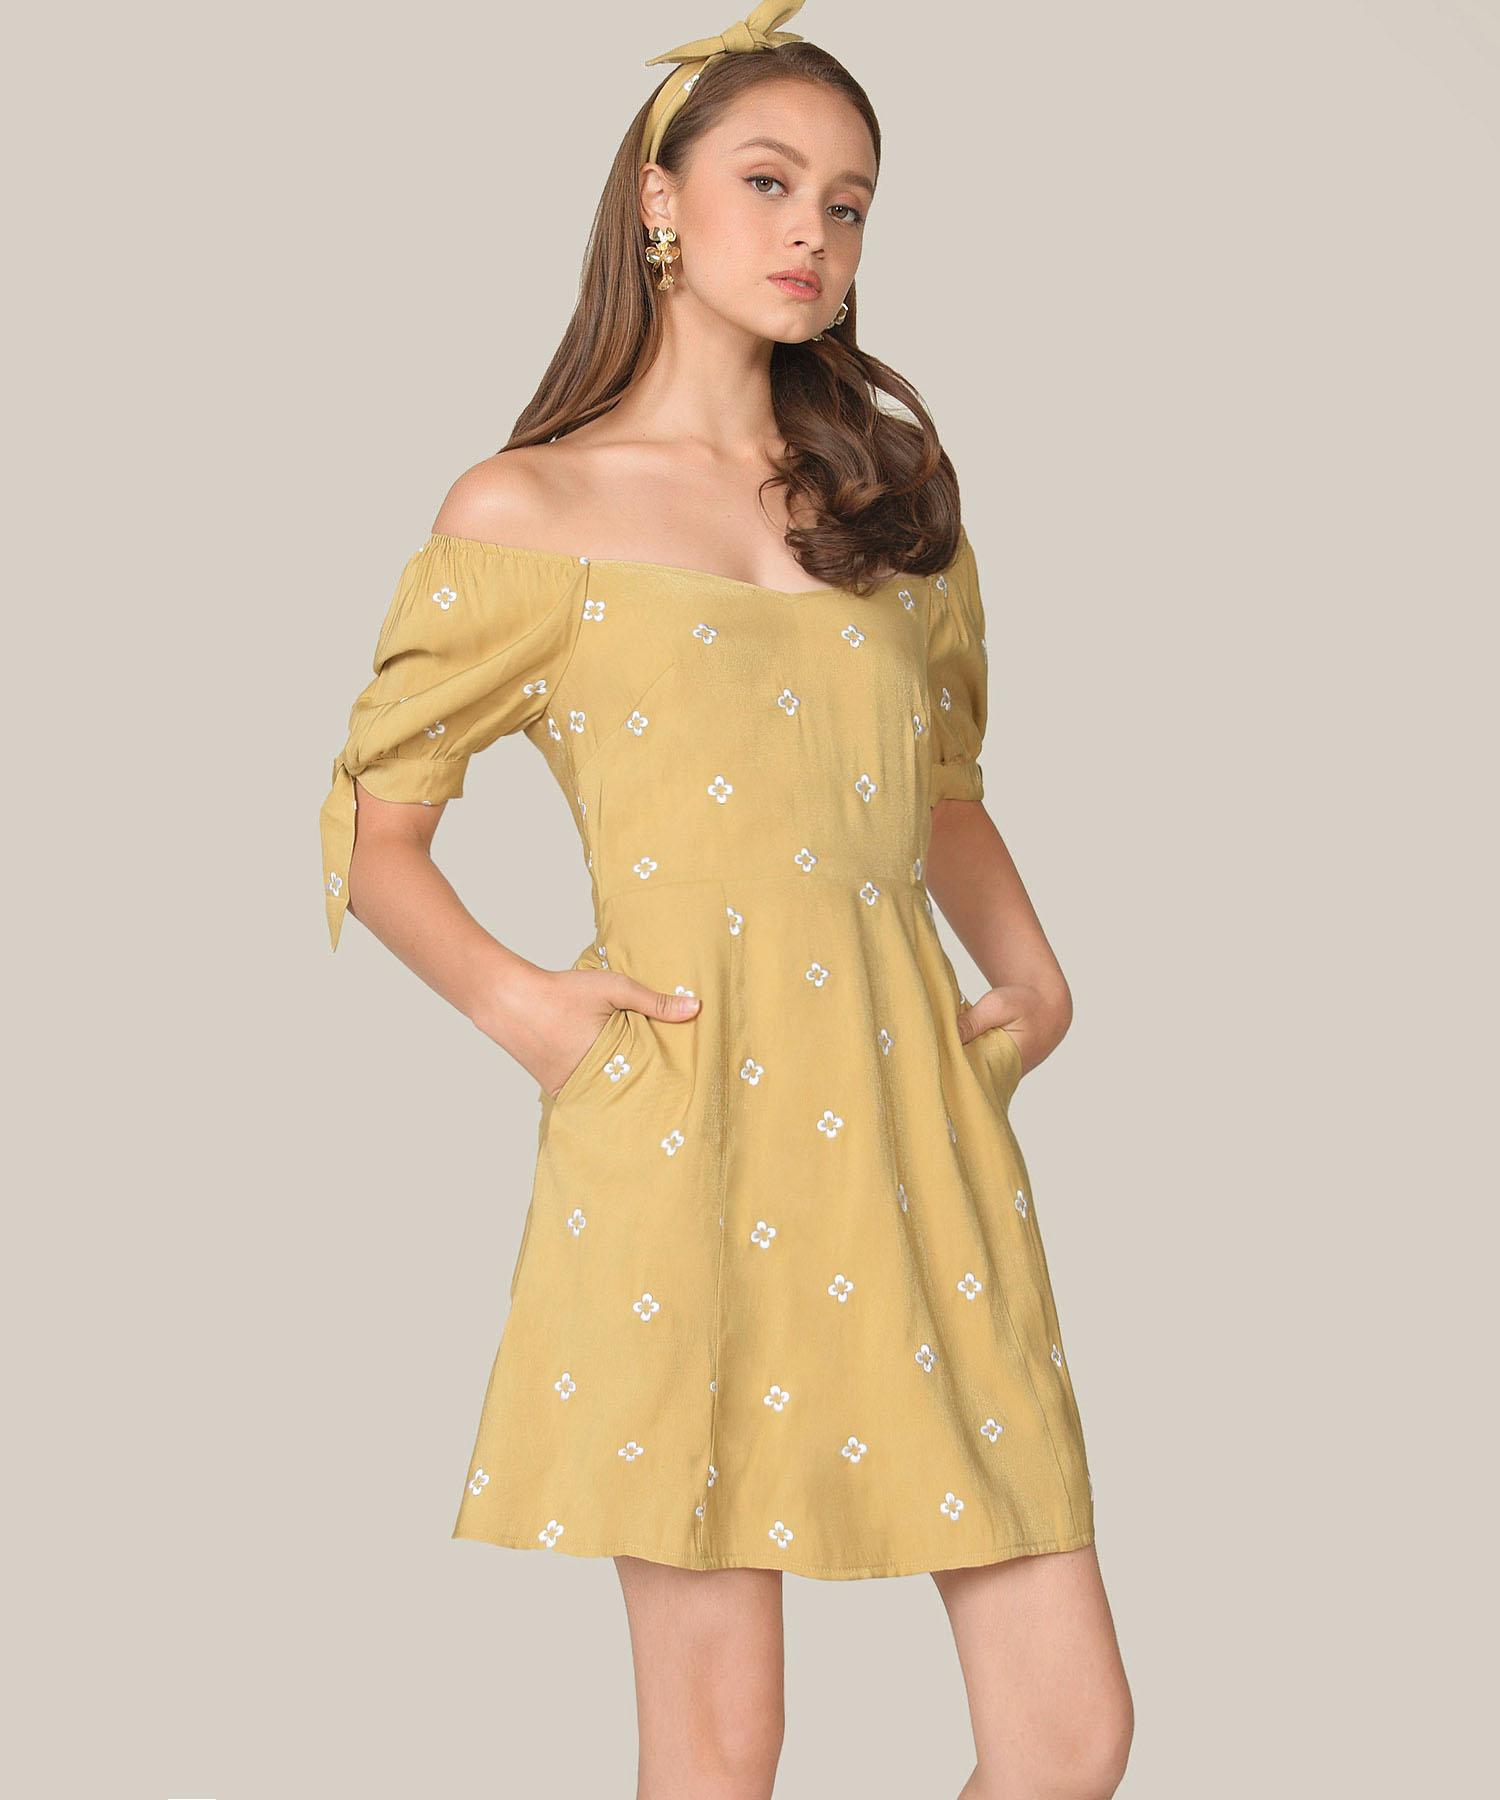 memento-embroidered-dress-olivette-1